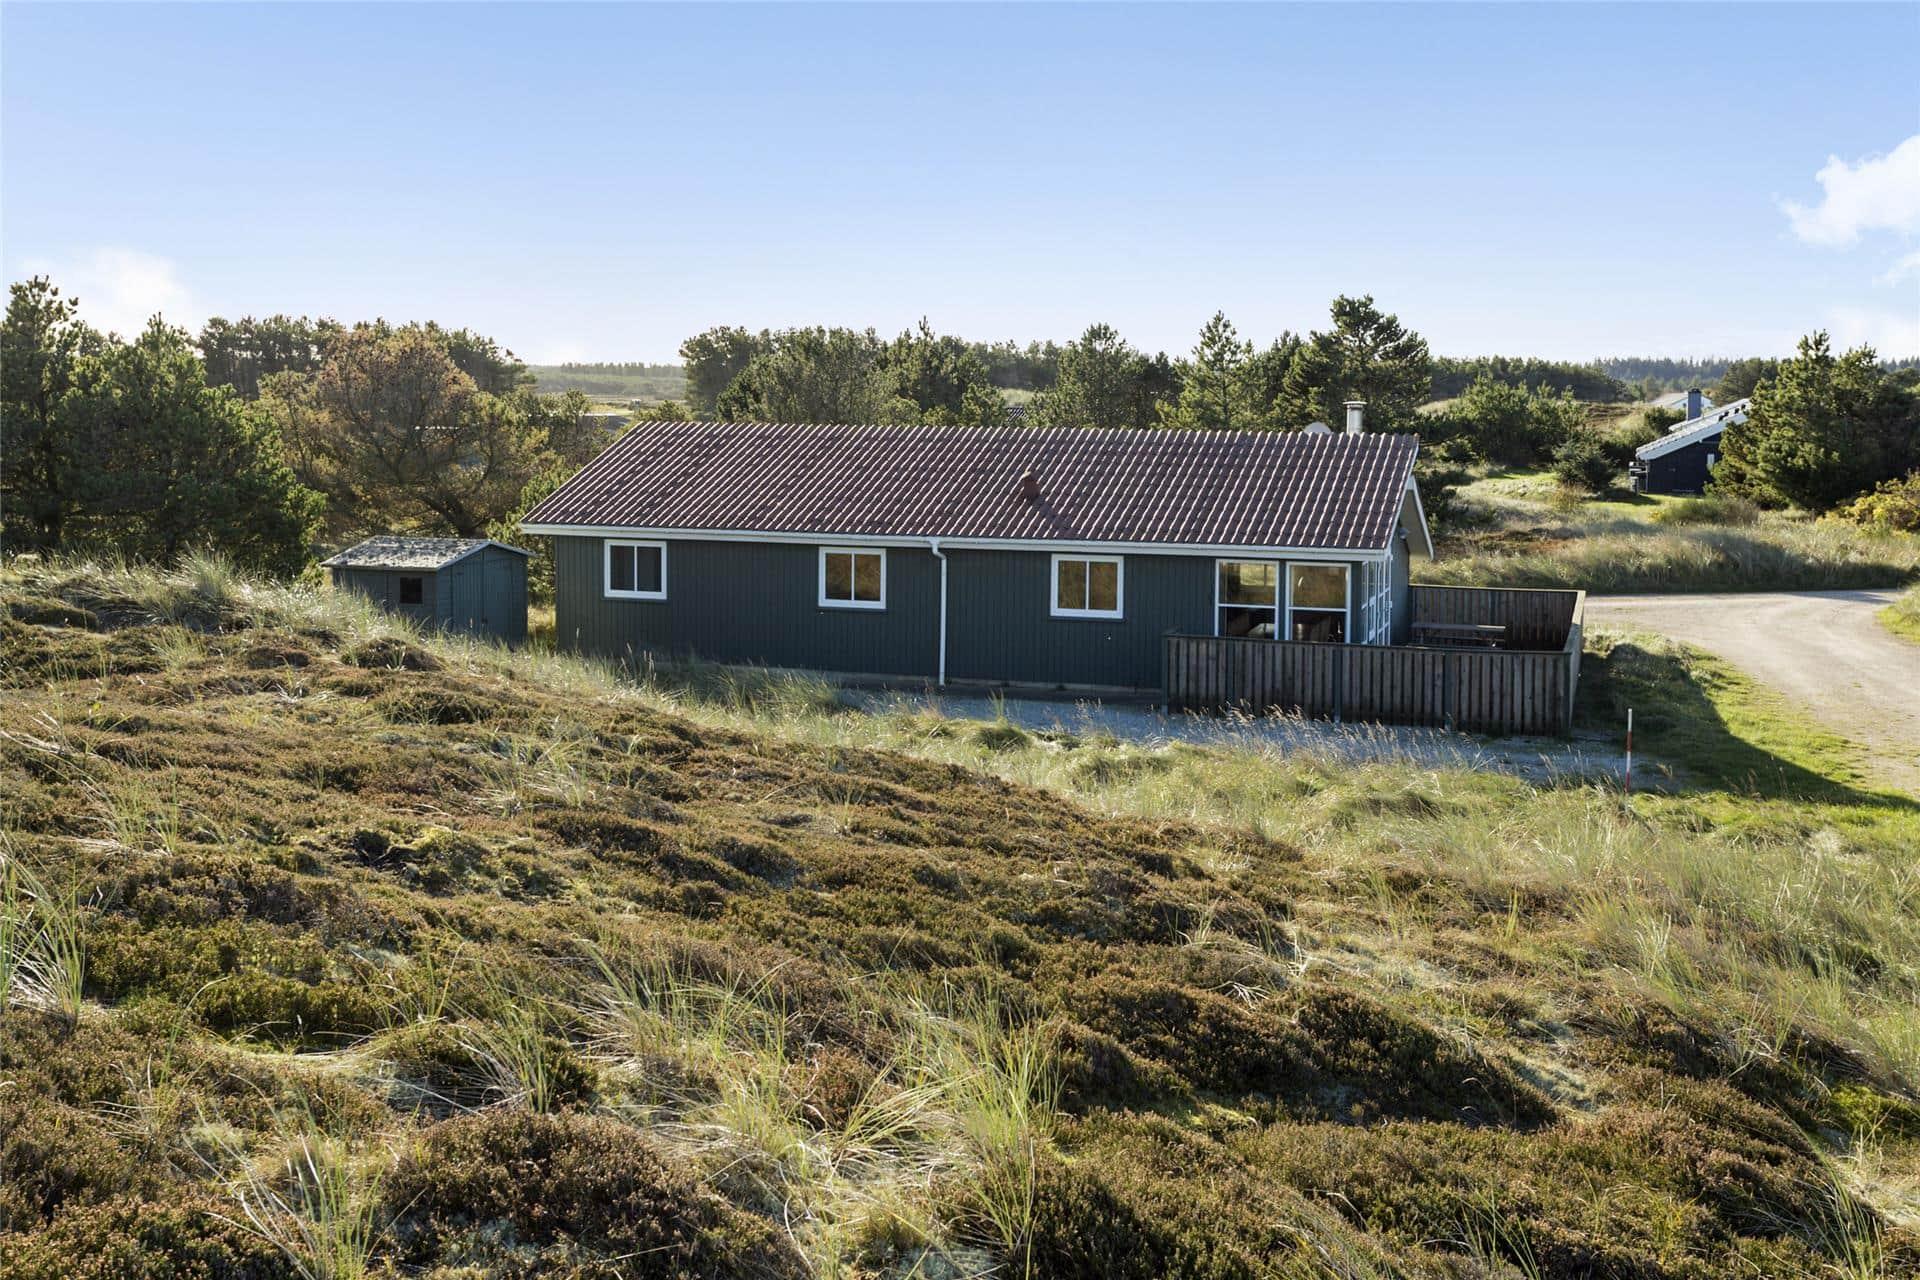 Billede 1-13 Sommerhus 972, Liusborg Sti 17, DK - 7700 Thisted